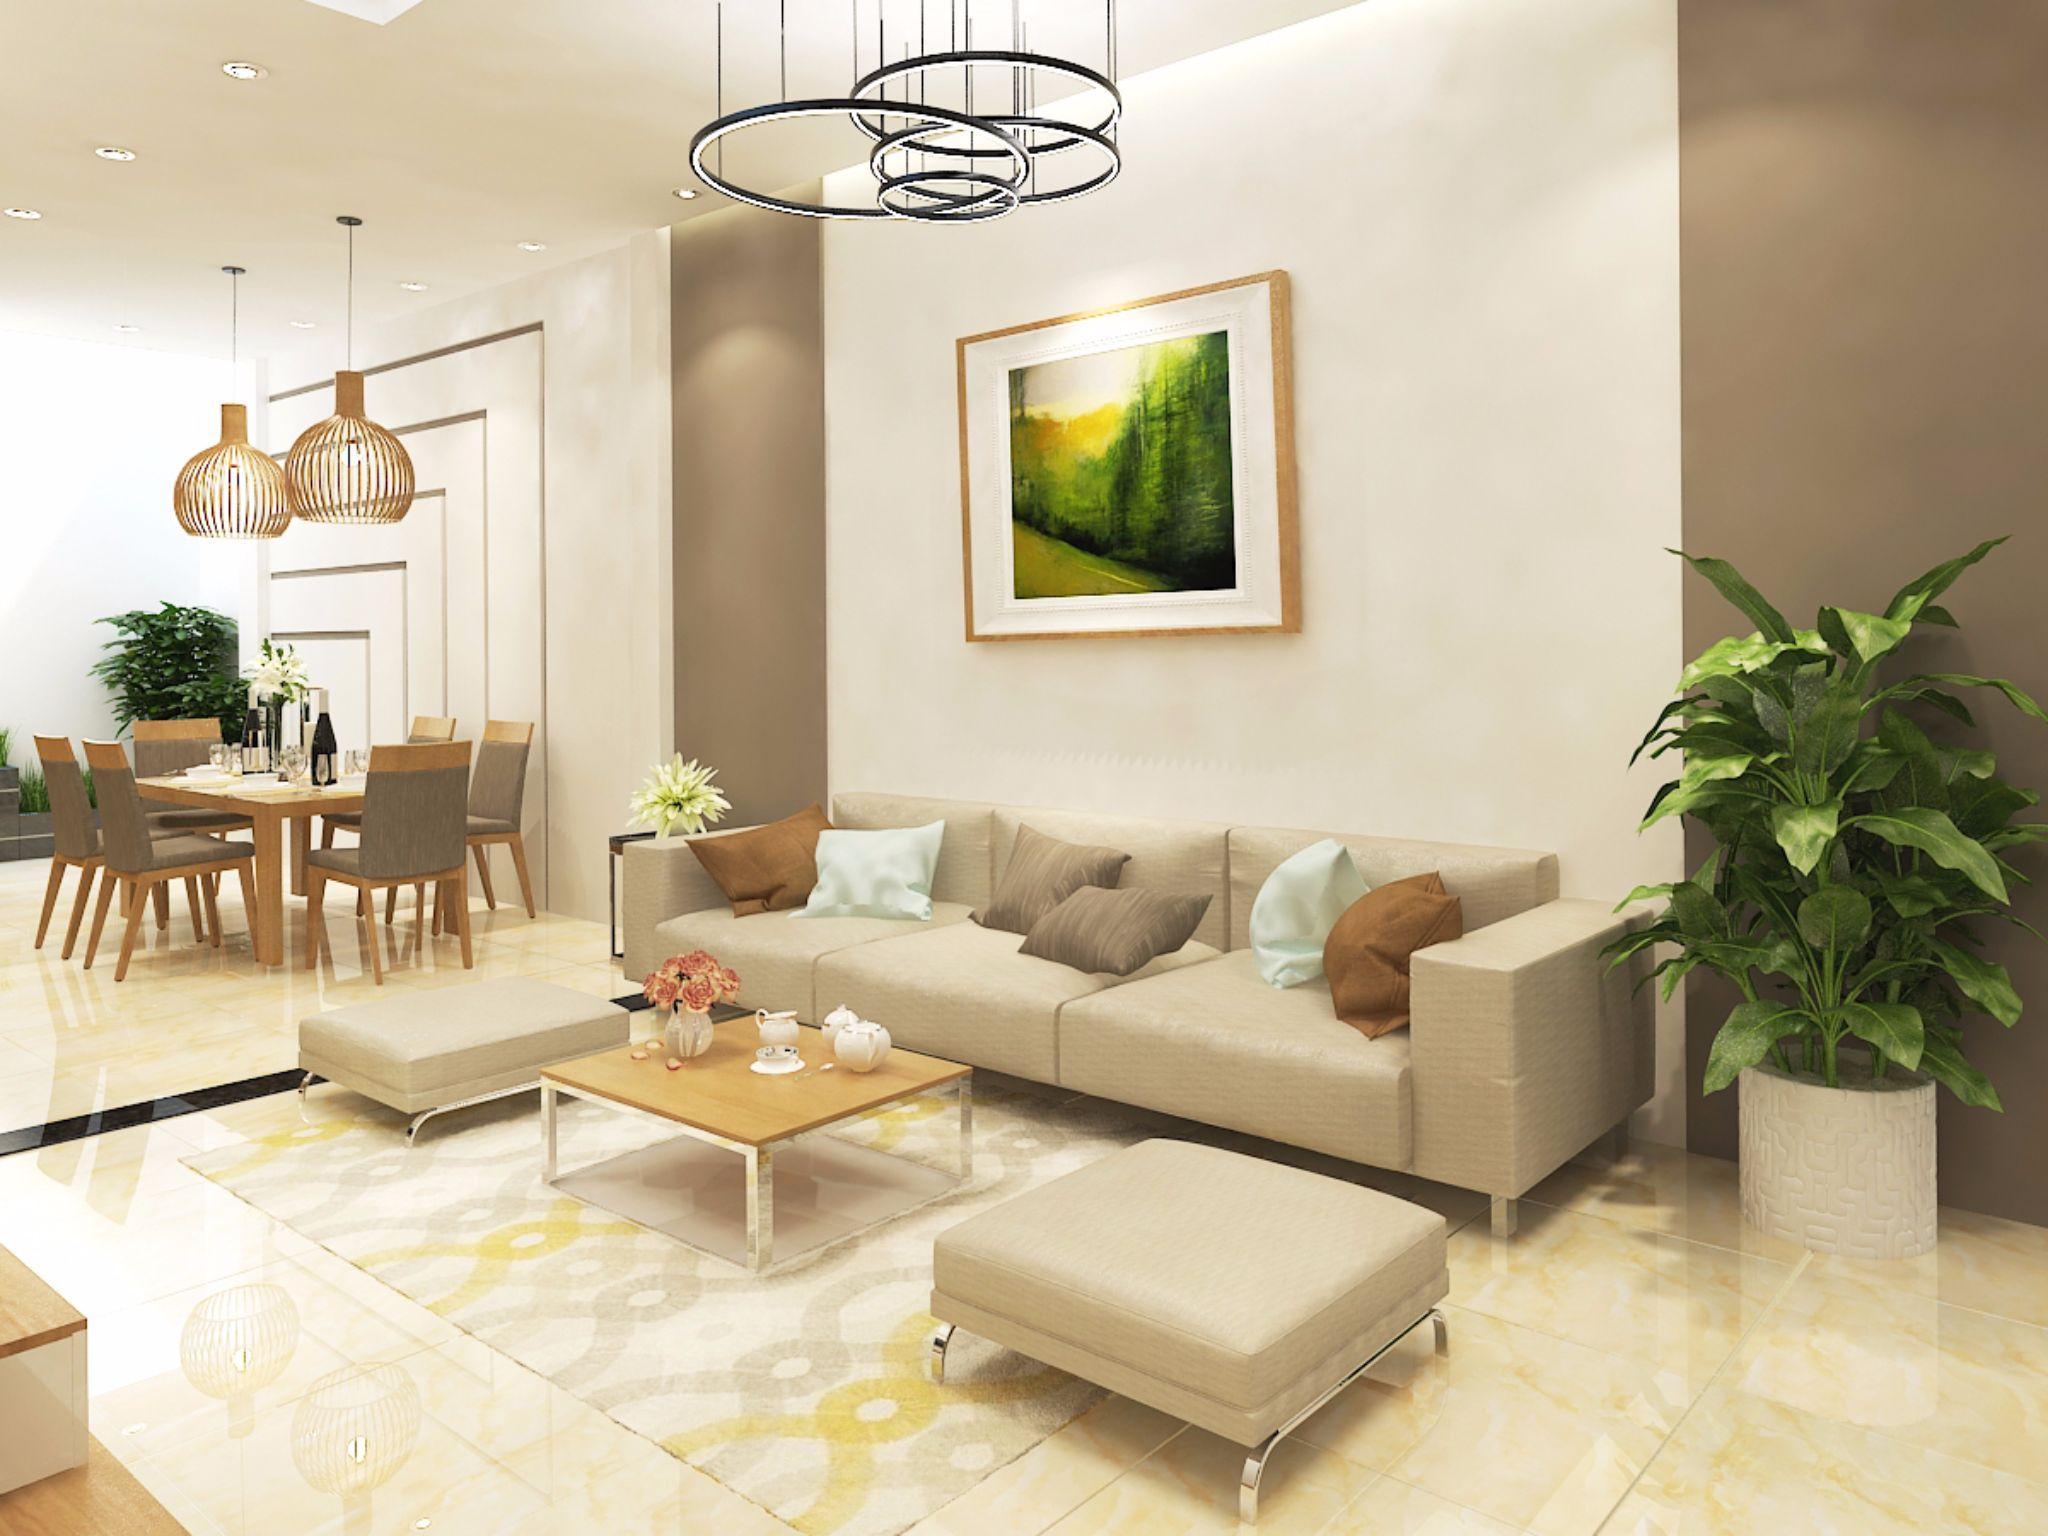 Thiết kế nội thất nhà ở 4x10m